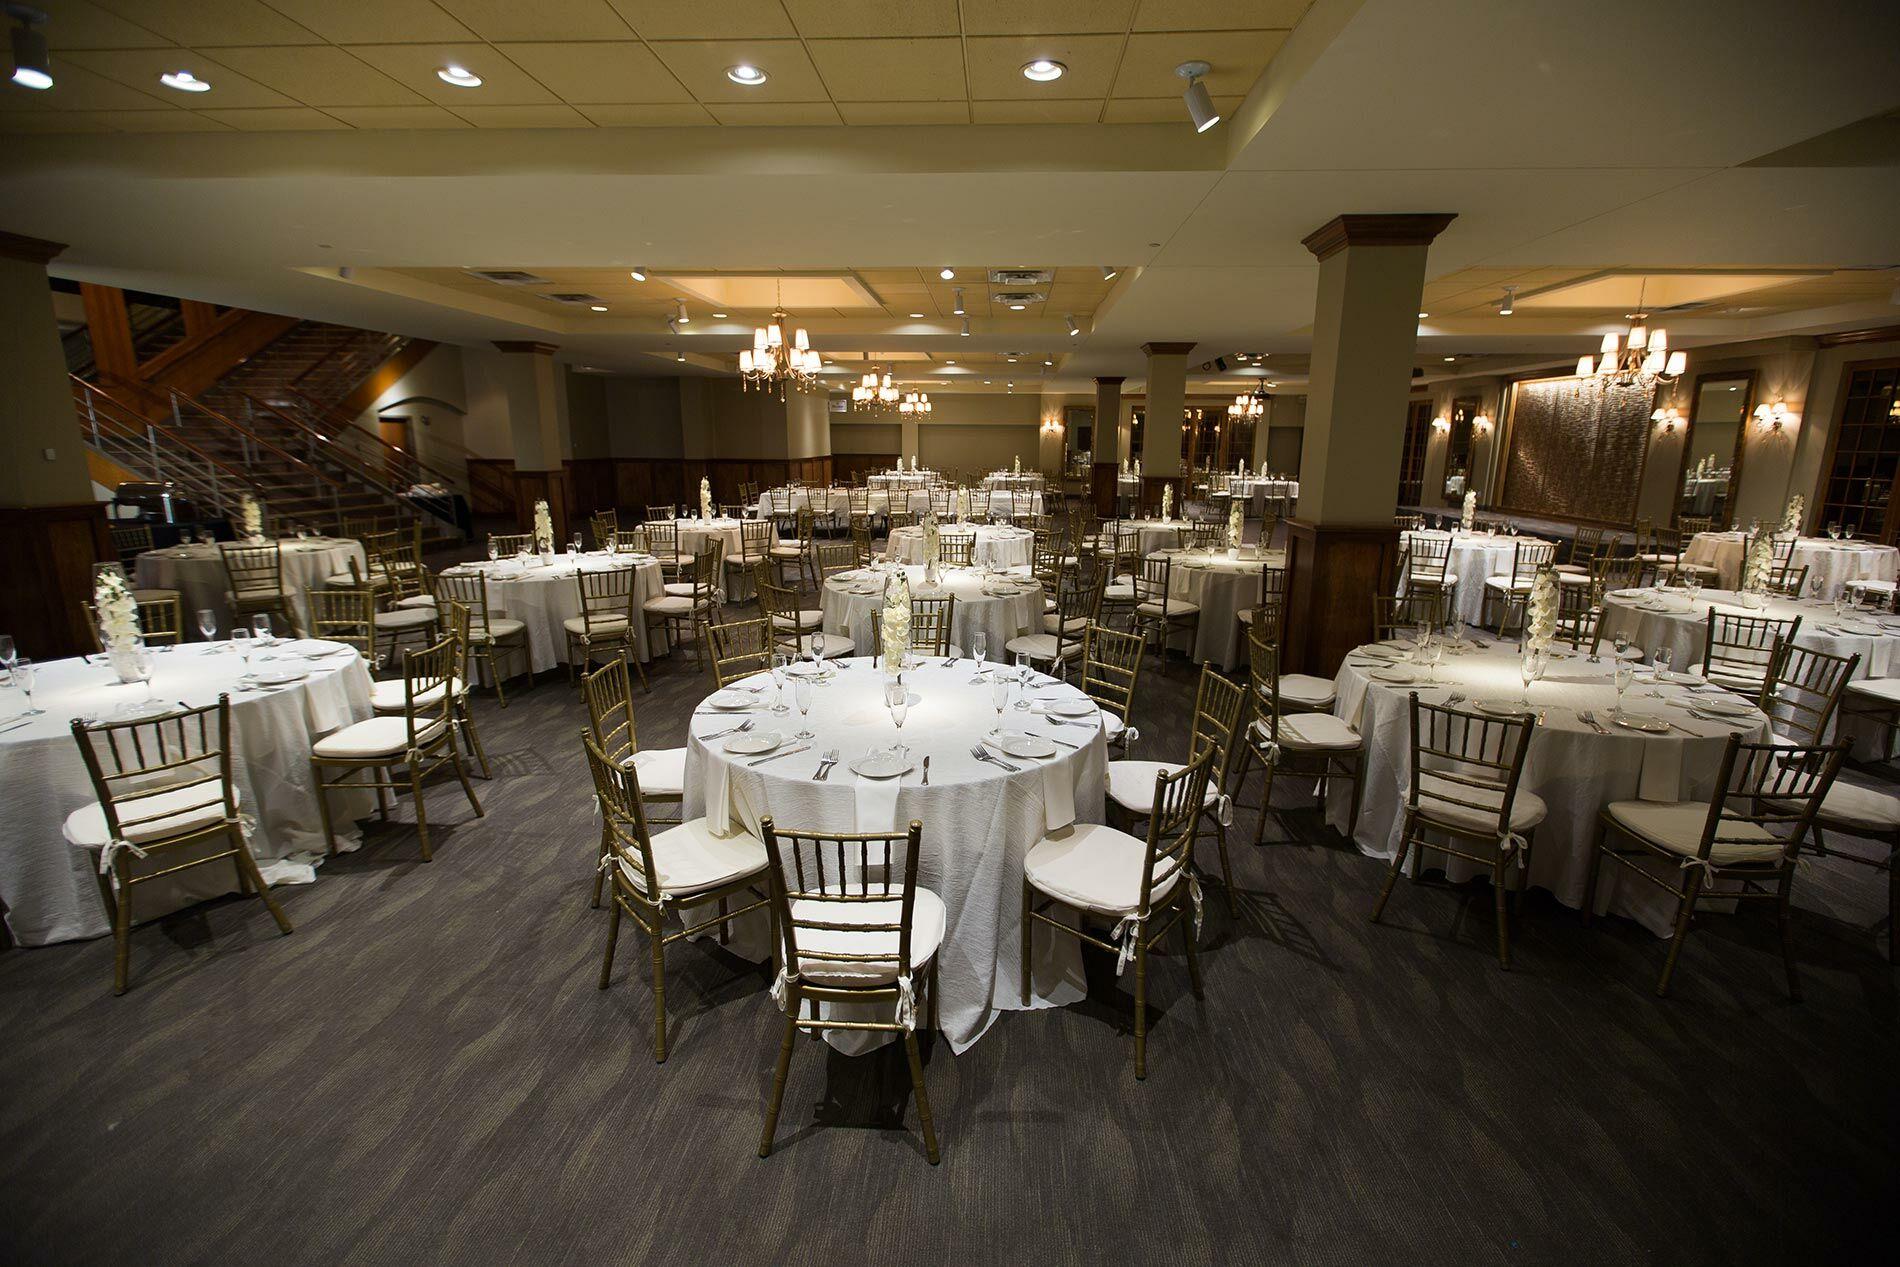 Wedding Venues in Cincinnati, OH - The Knot